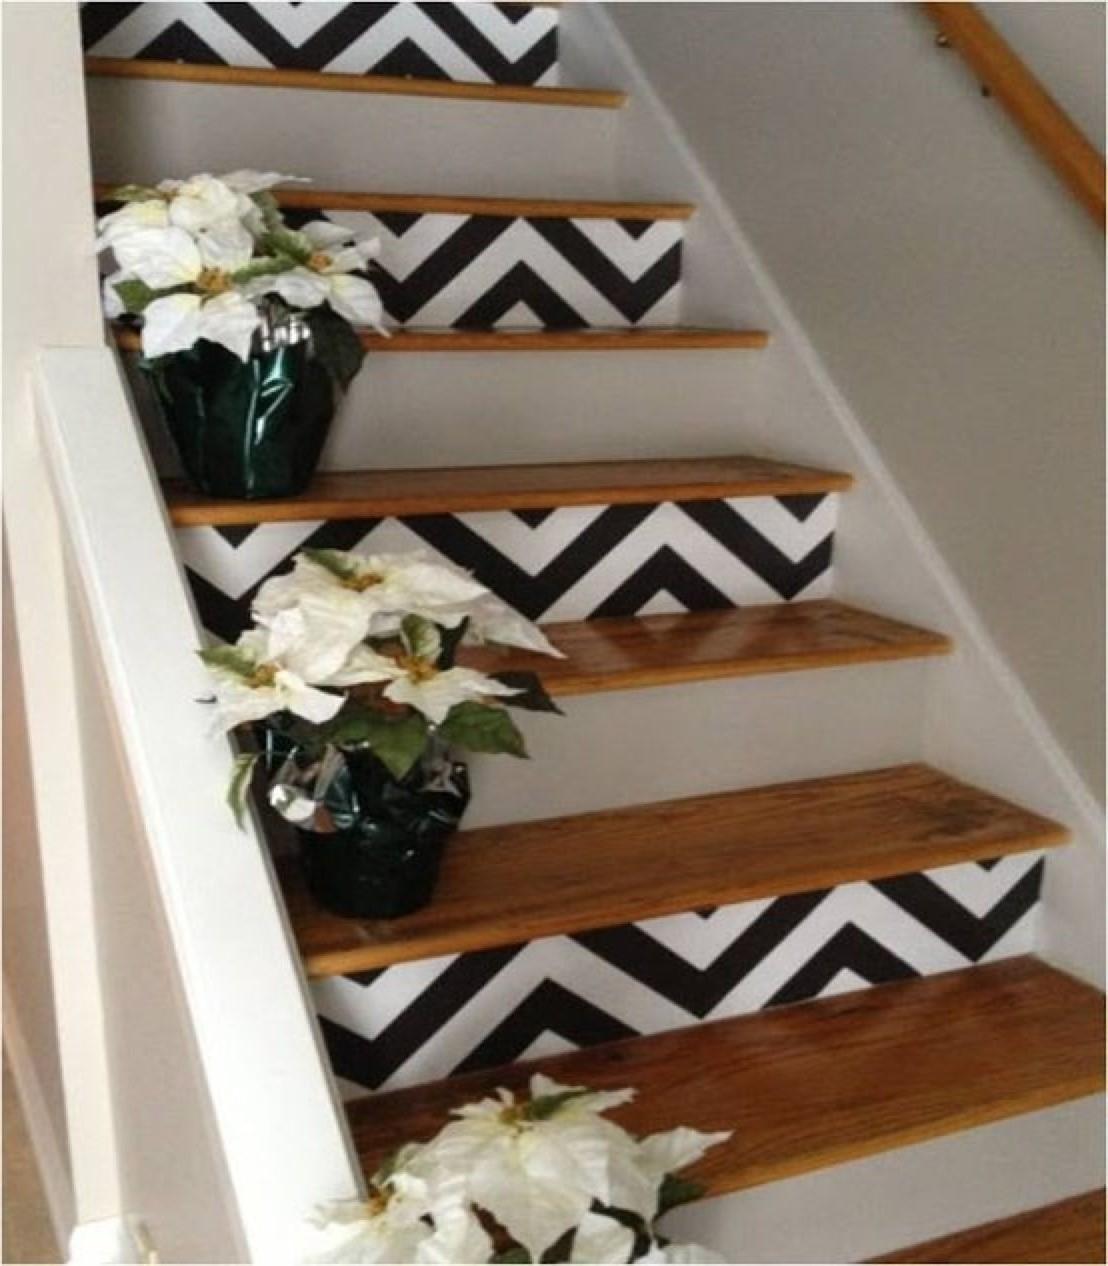 Utilisez-le pour nettoyer la saleté et la poussière avant de repeindre l'escalier.